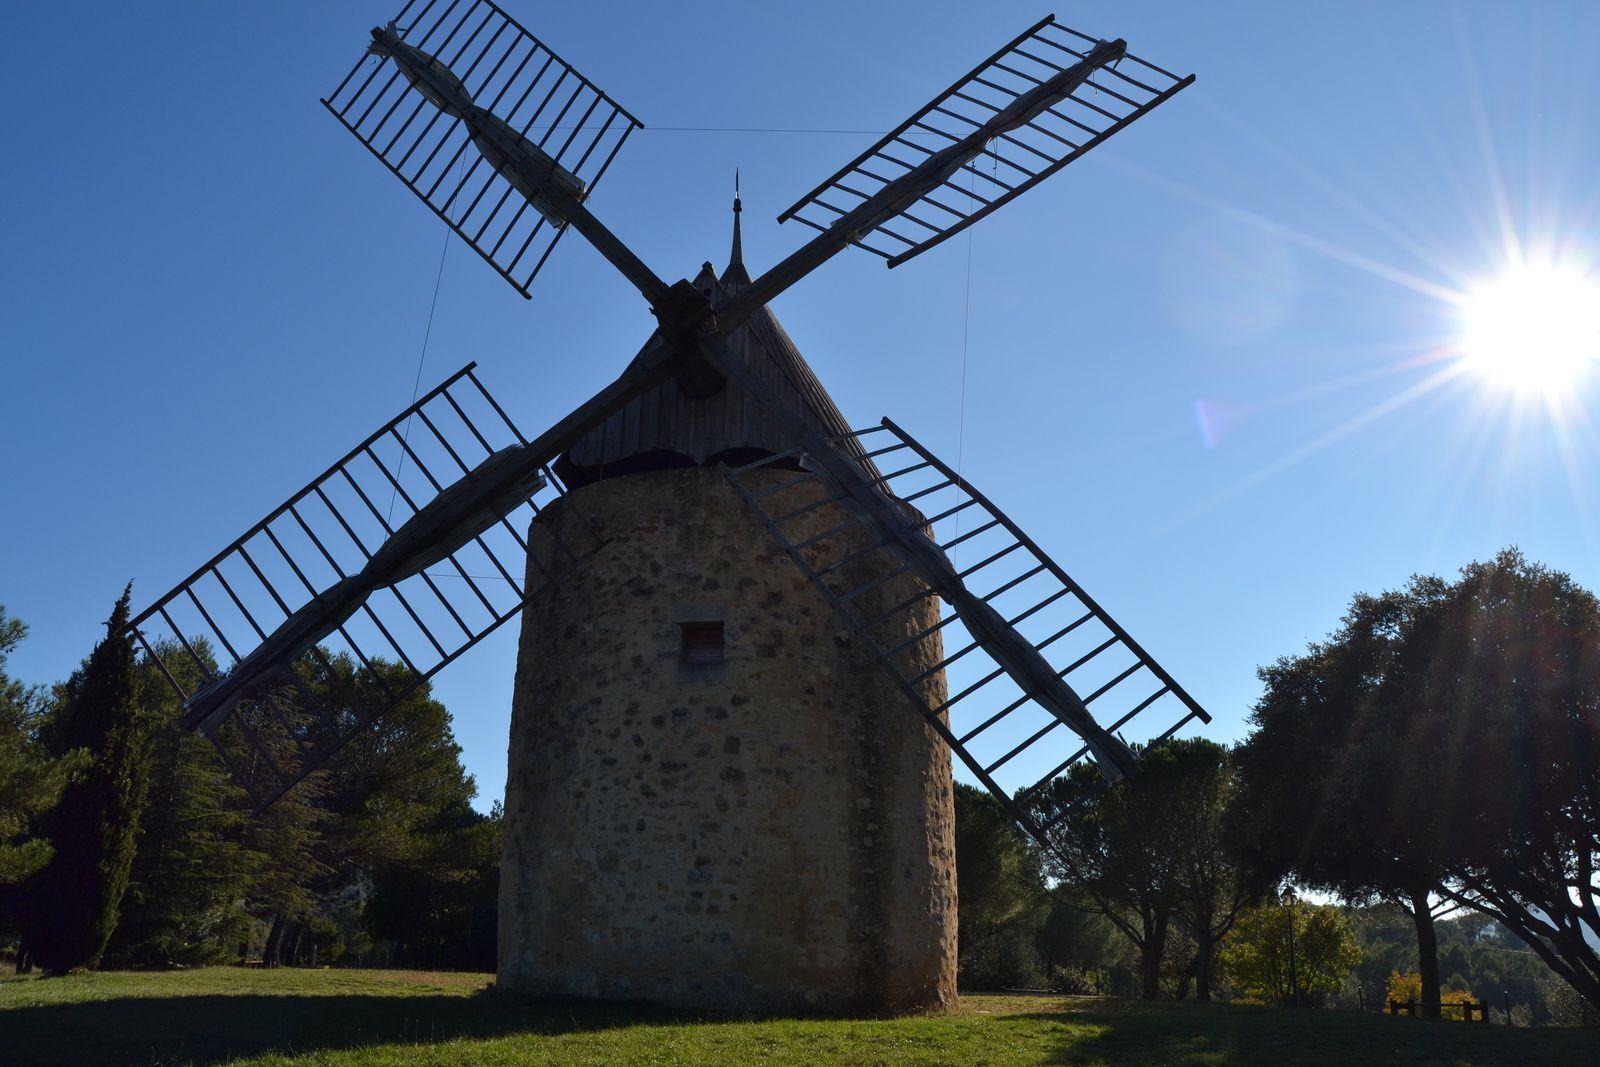 Le toit du moulin, solidaire des ailes, pivote. La manoeuvre se fait à l'aide d'un simple levier.